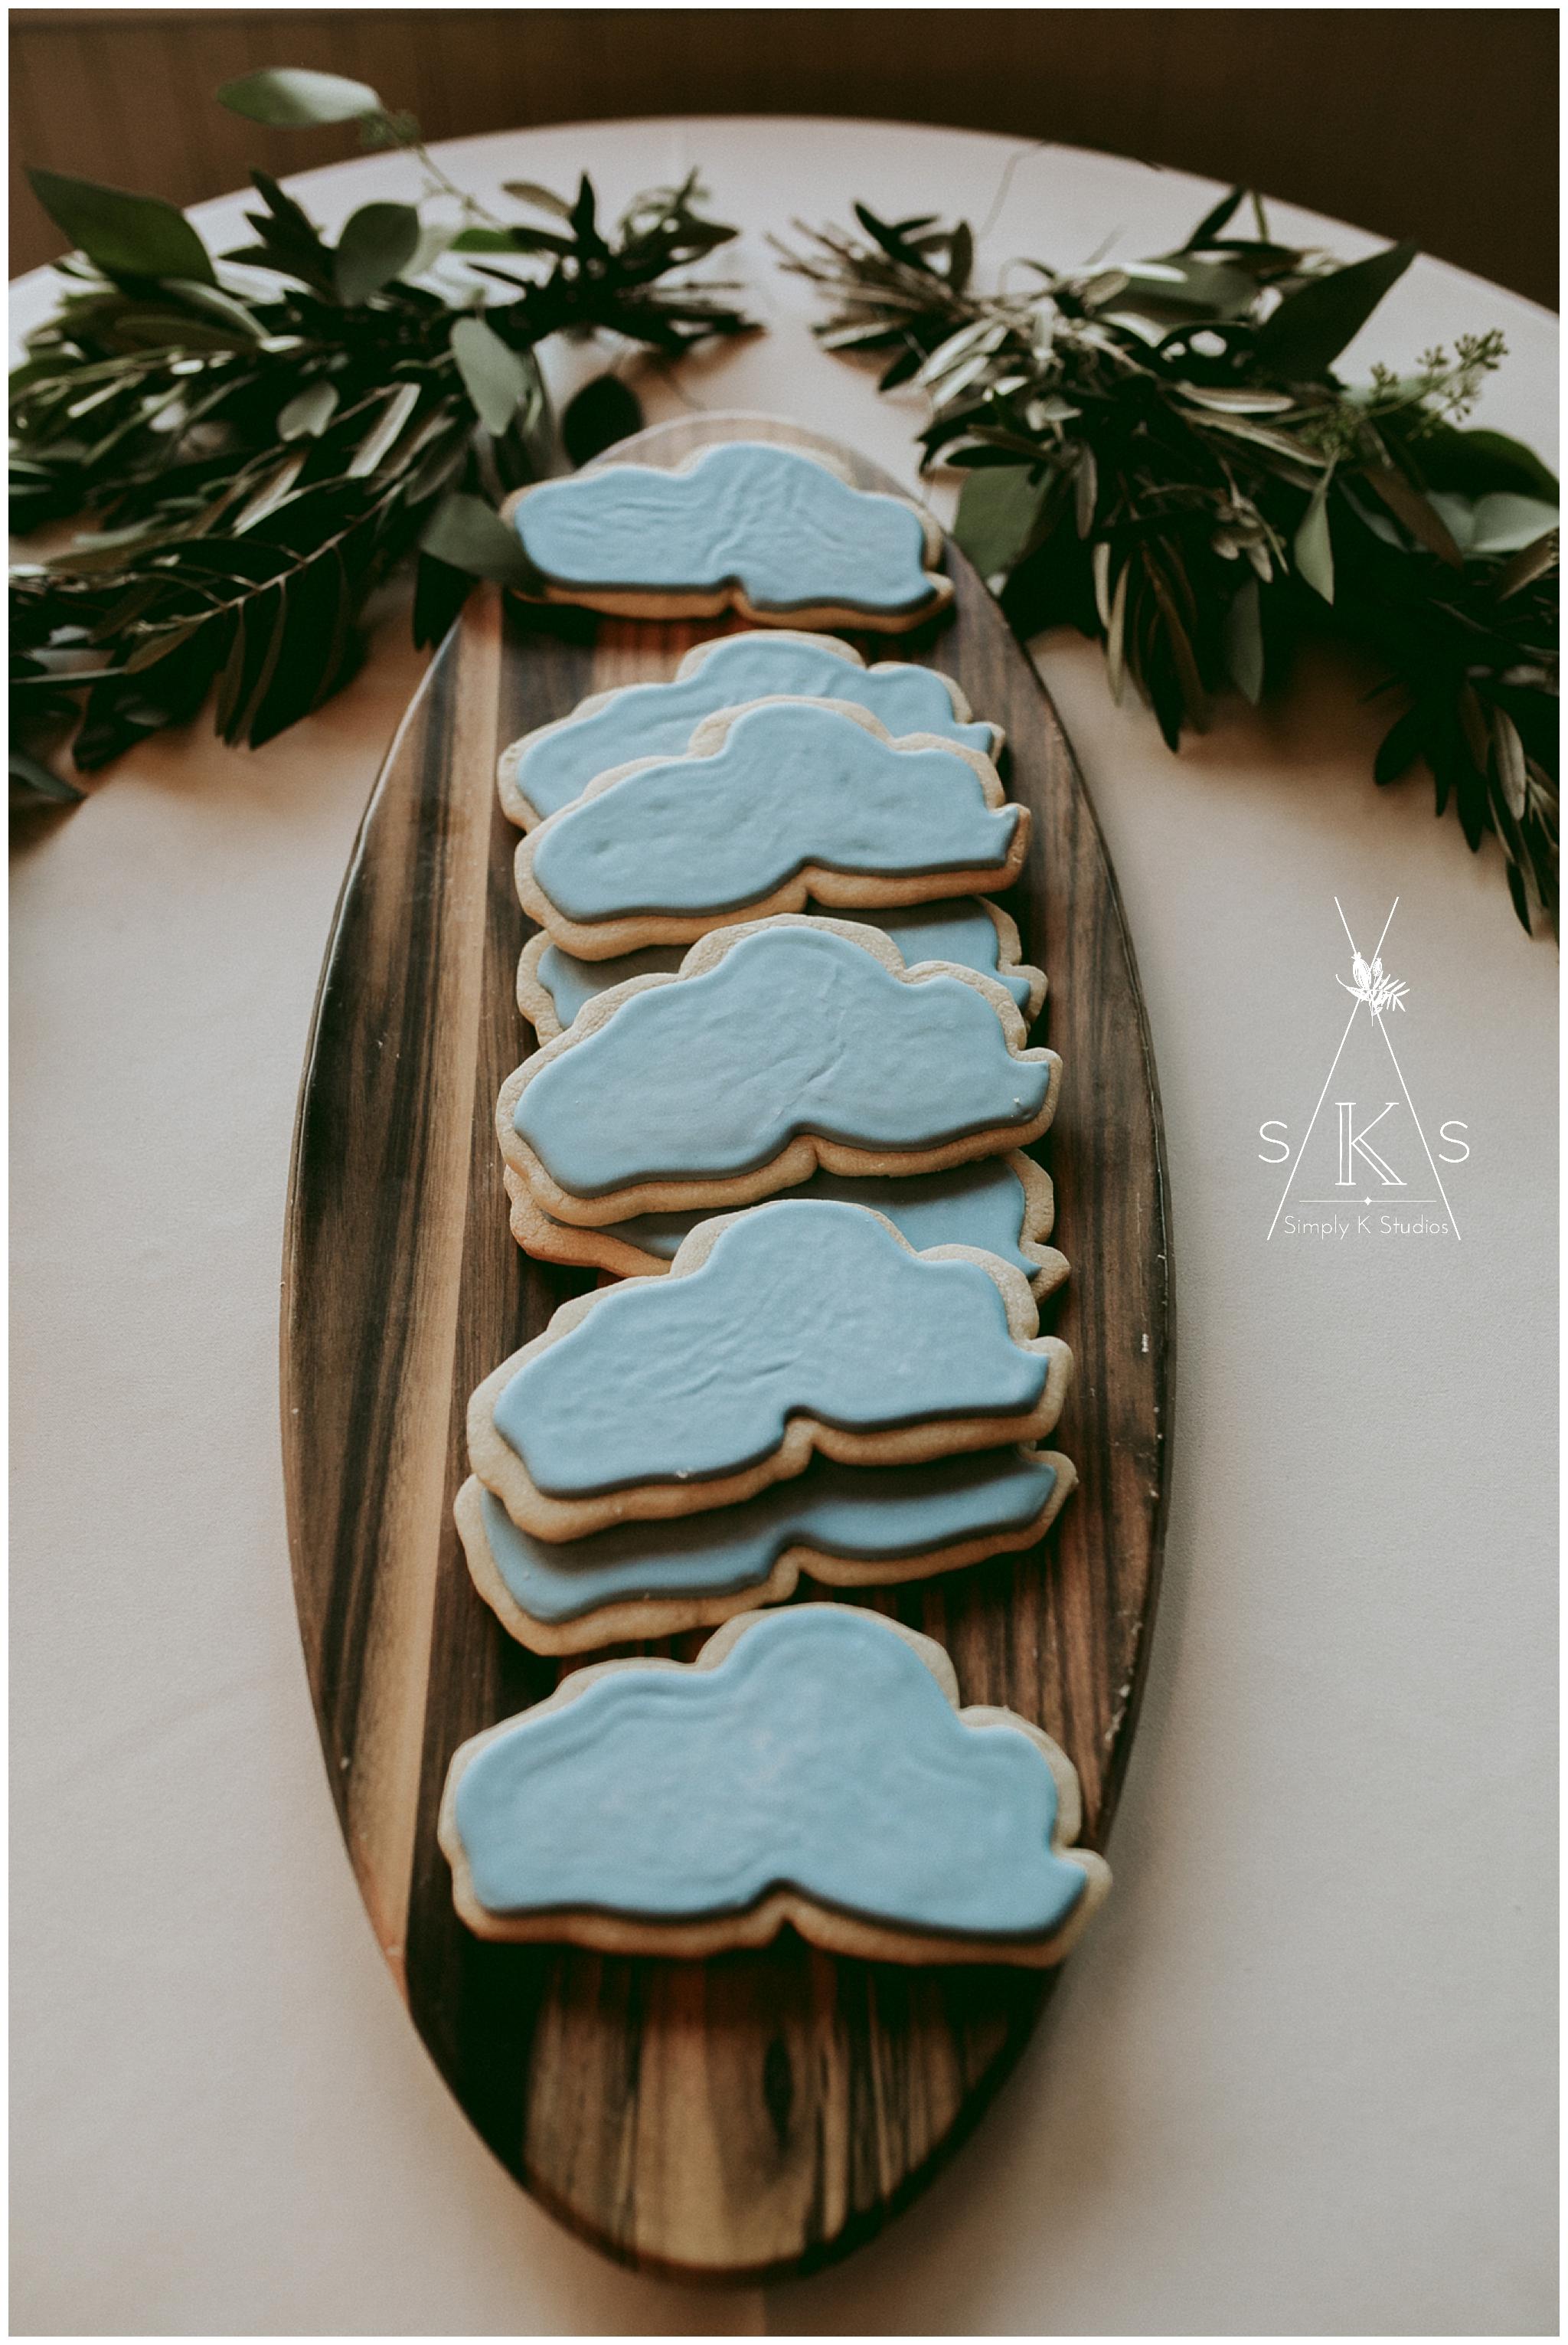 103 Custom Cookies near Lake Tahoe.jpg